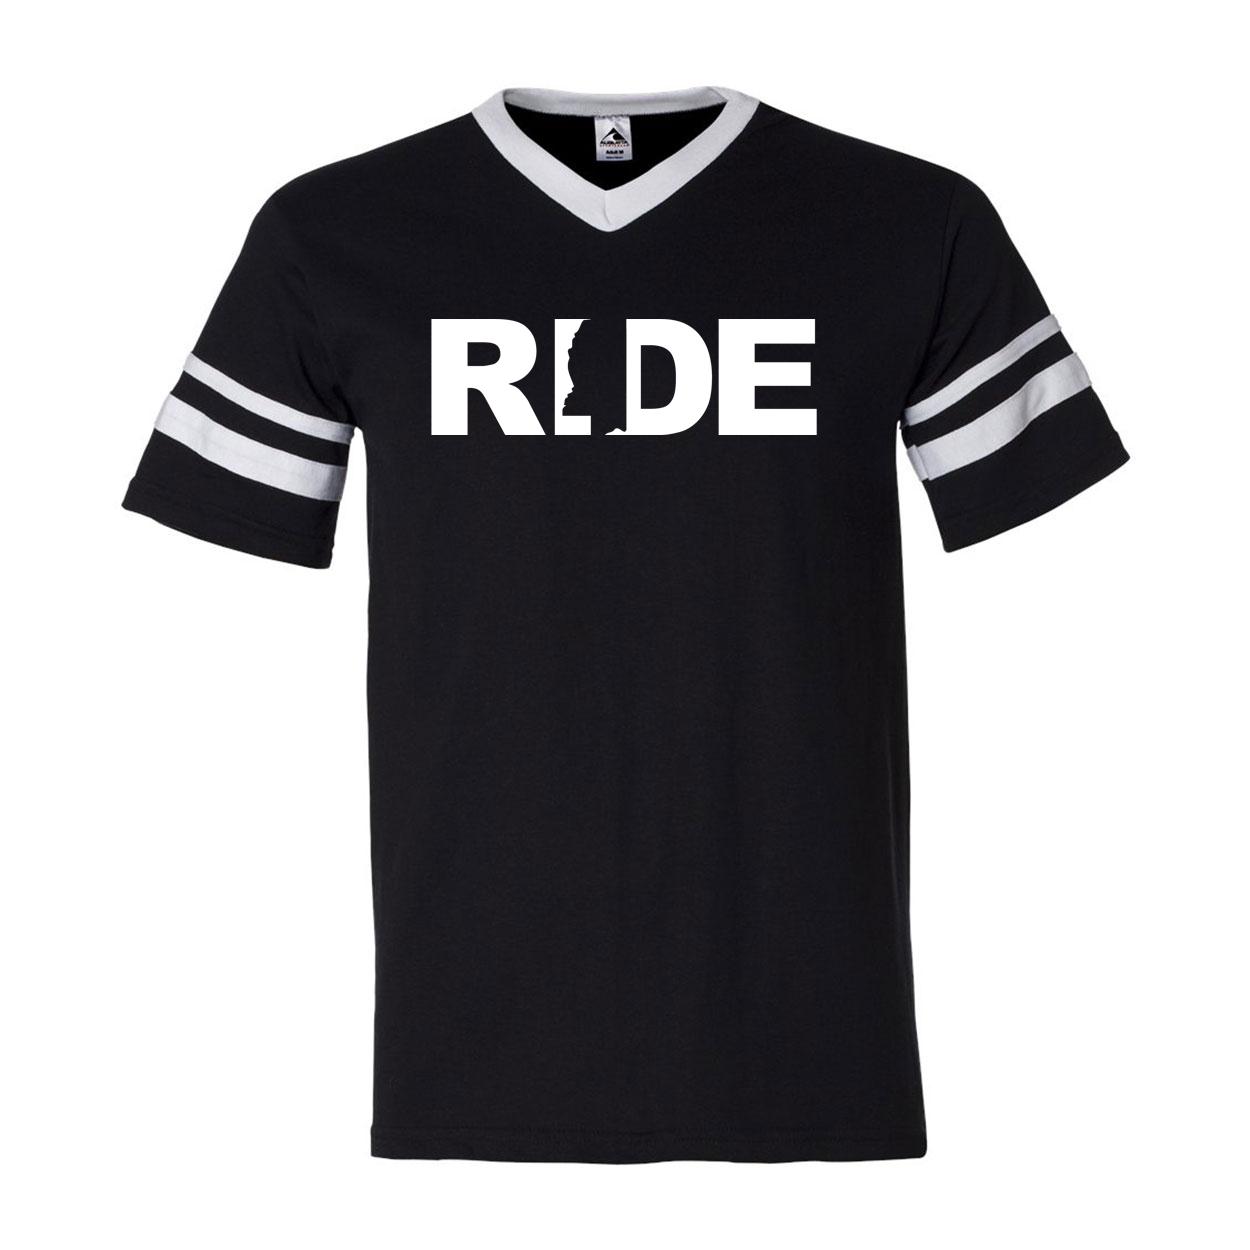 Ride Mississippi Classic Premium Striped Jersey T-Shirt Black/White (White Logo)